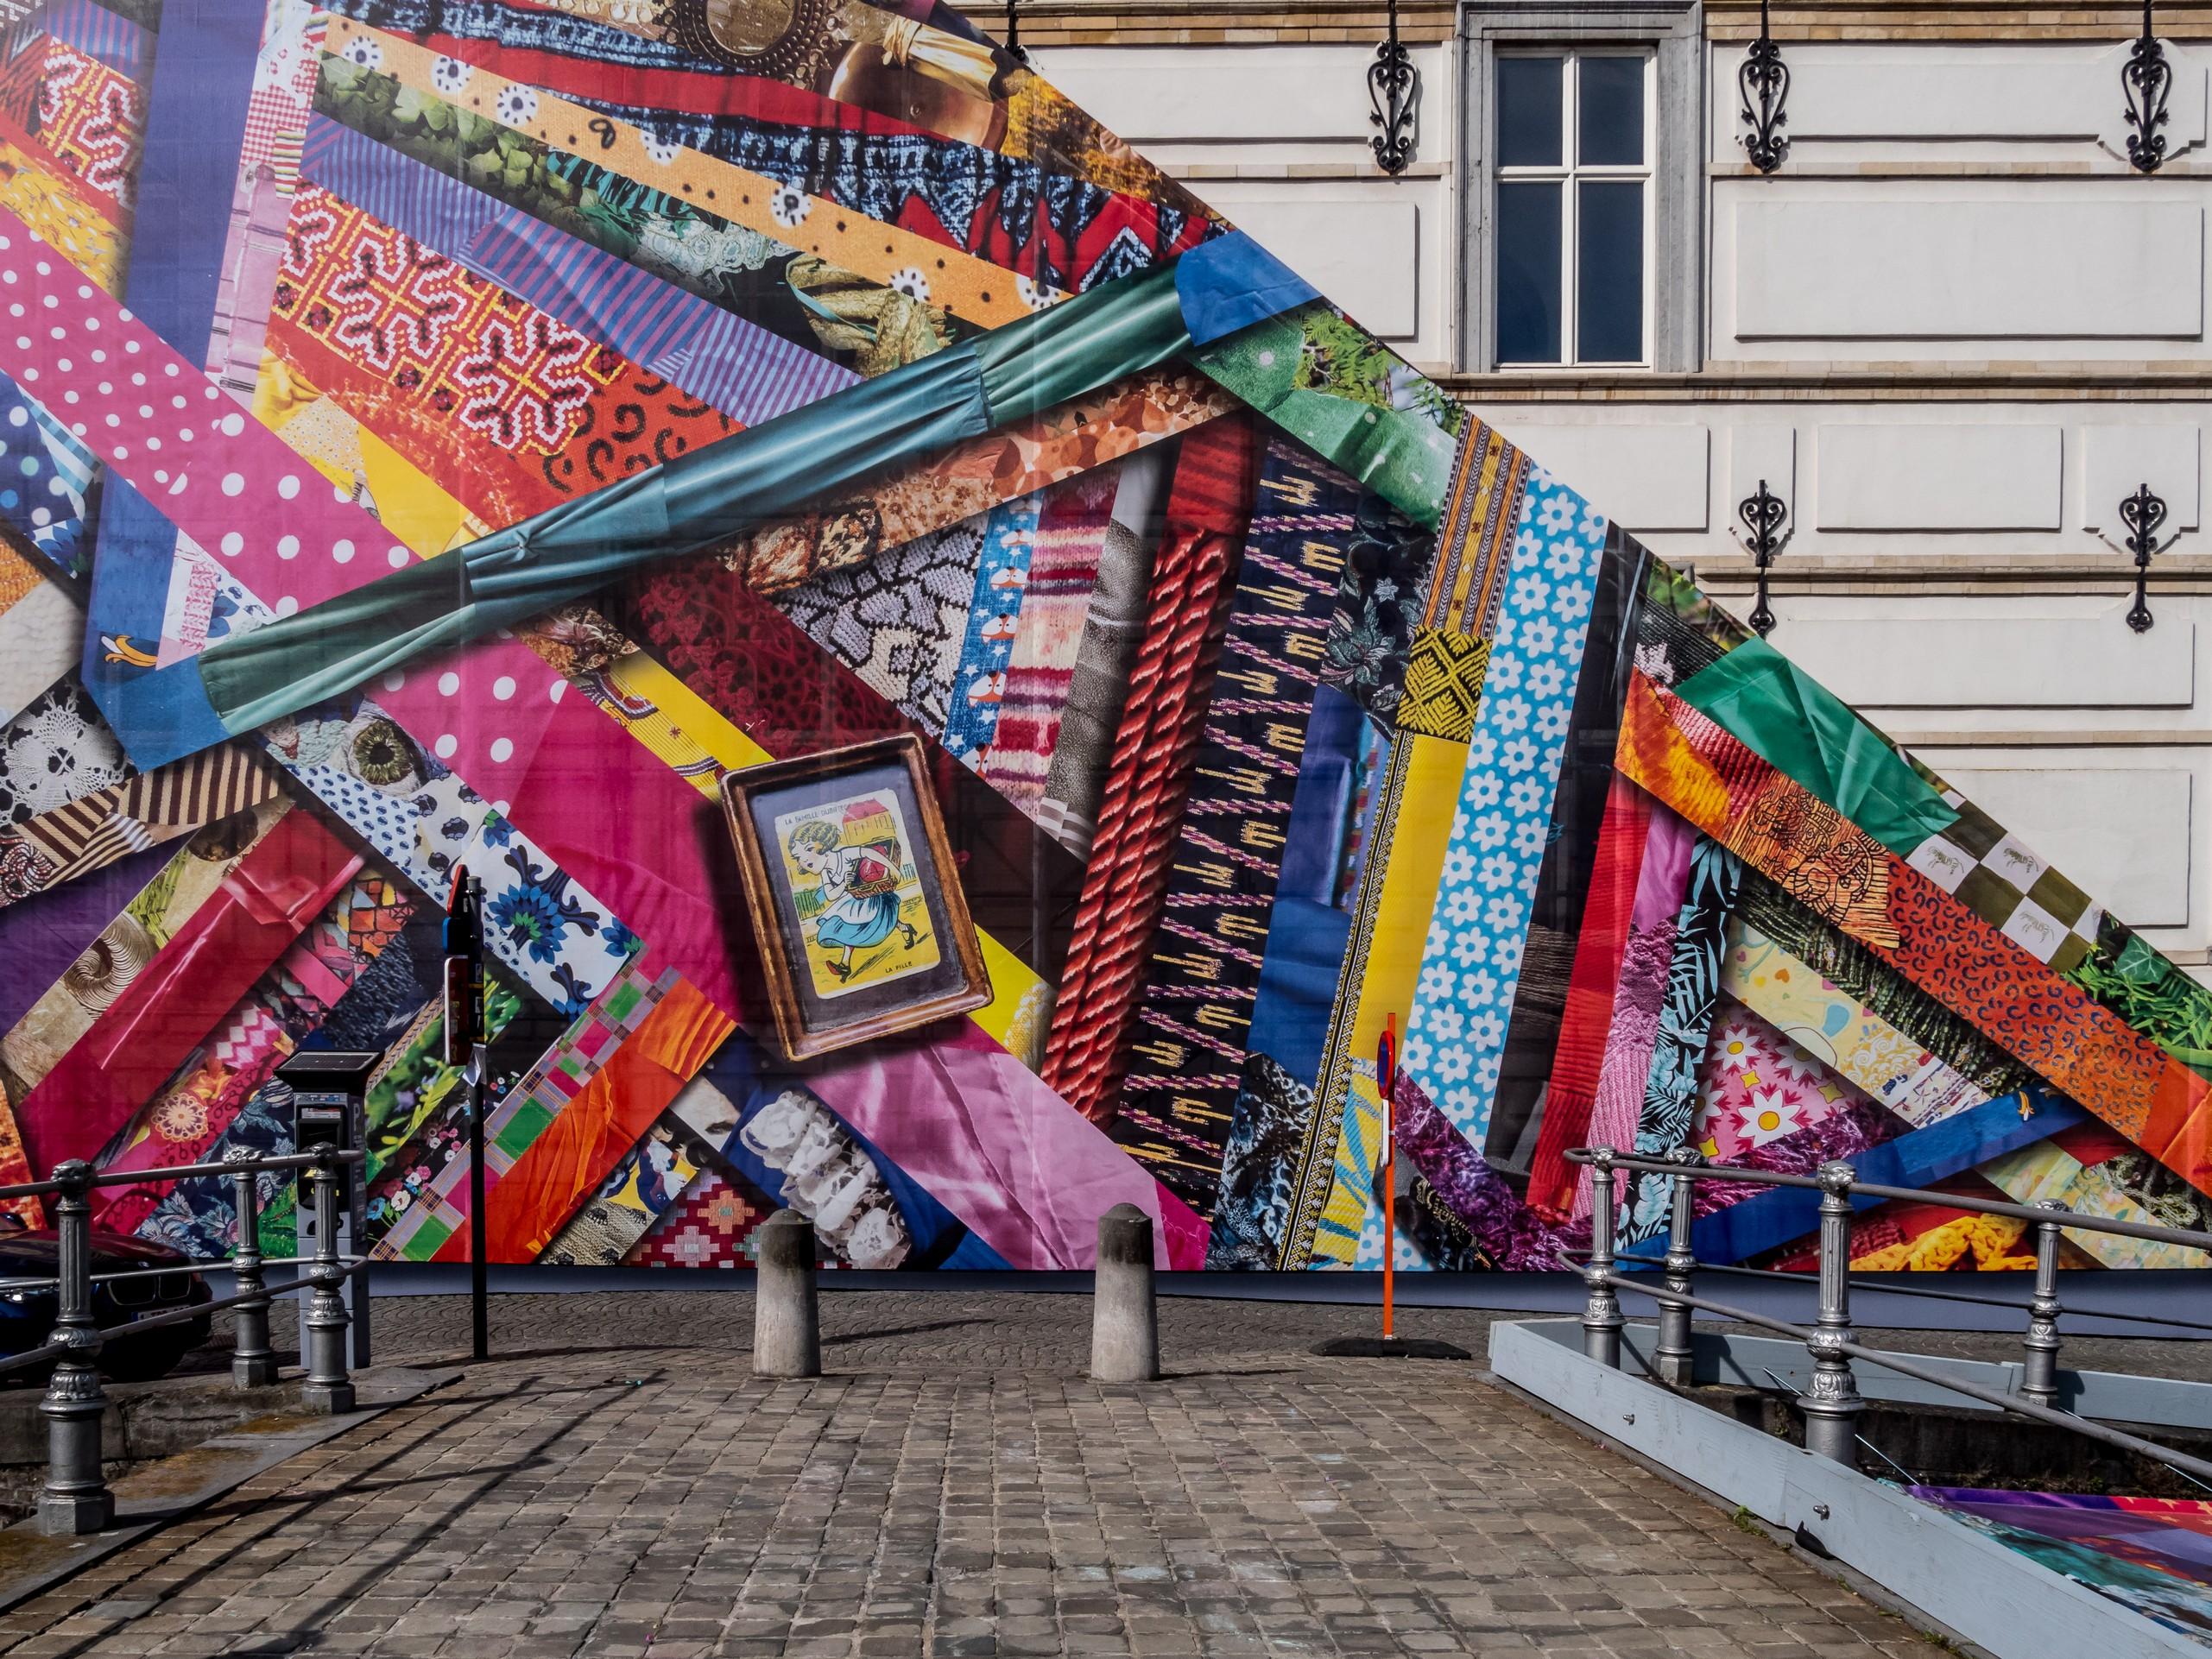 Visiter Bruges pendant la Triennale d'Art contemporain